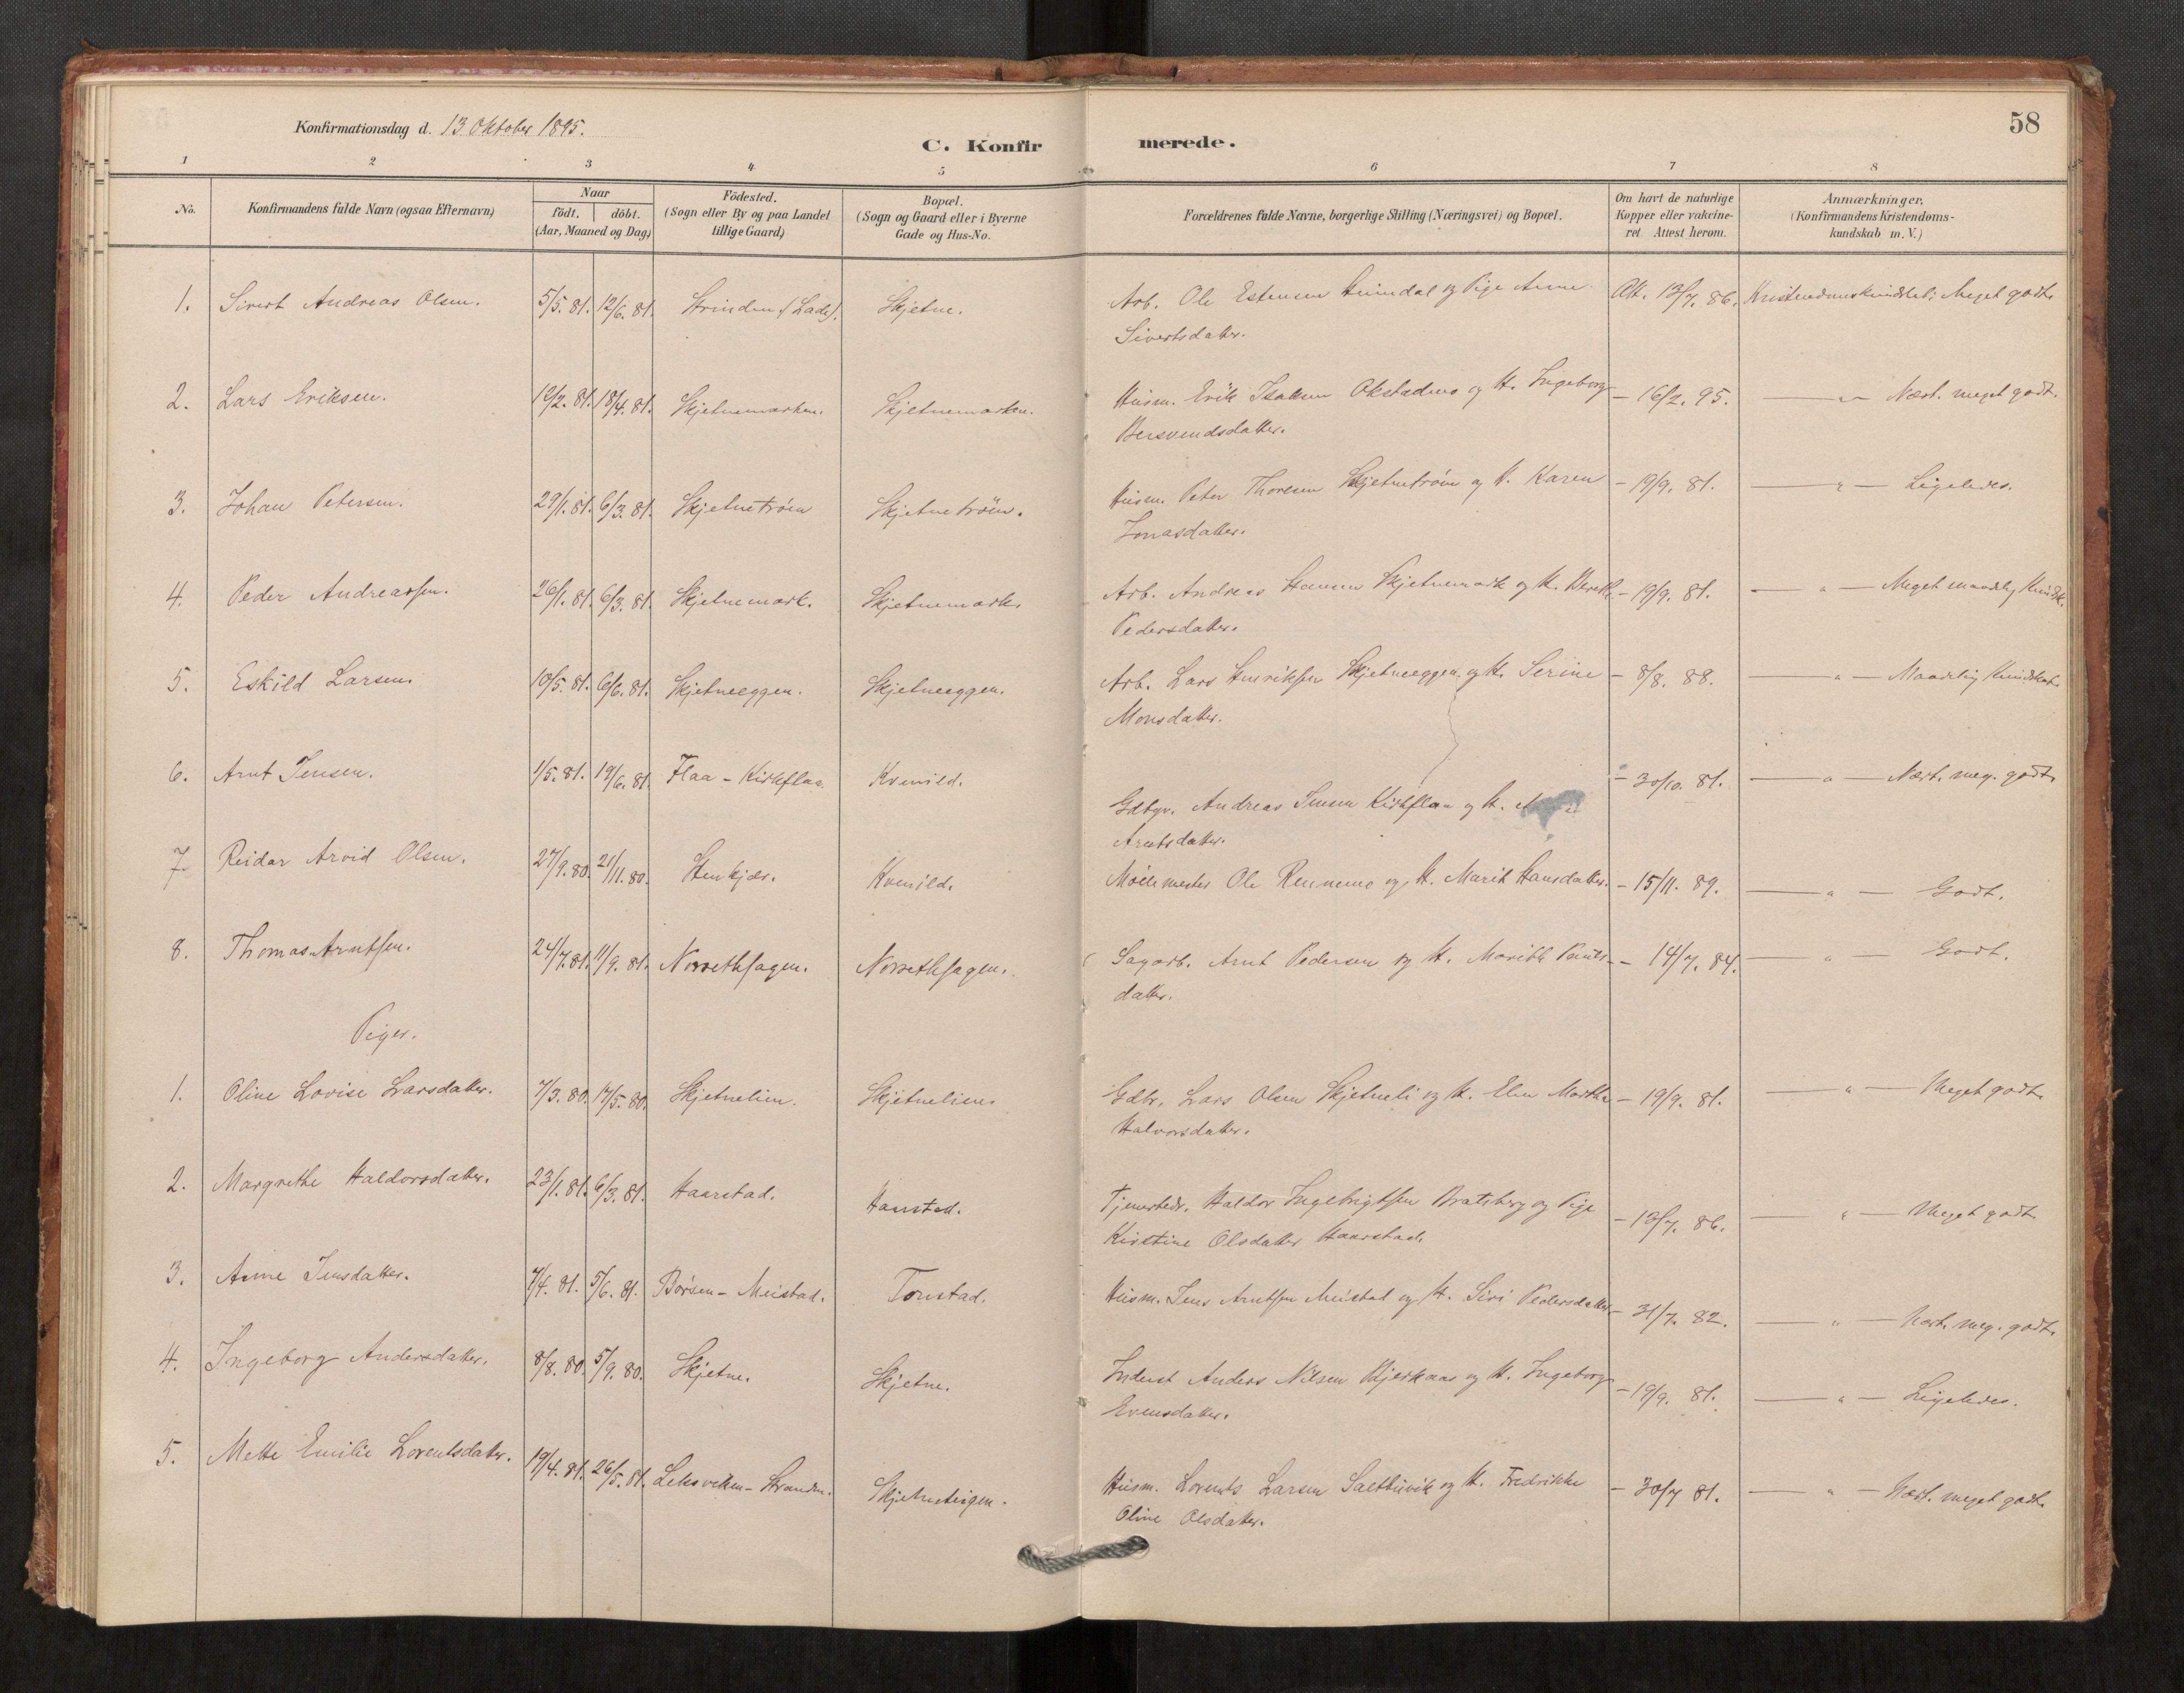 SAT, Klæbu sokneprestkontor, Parish register (official) no. 1, 1880-1900, p. 58